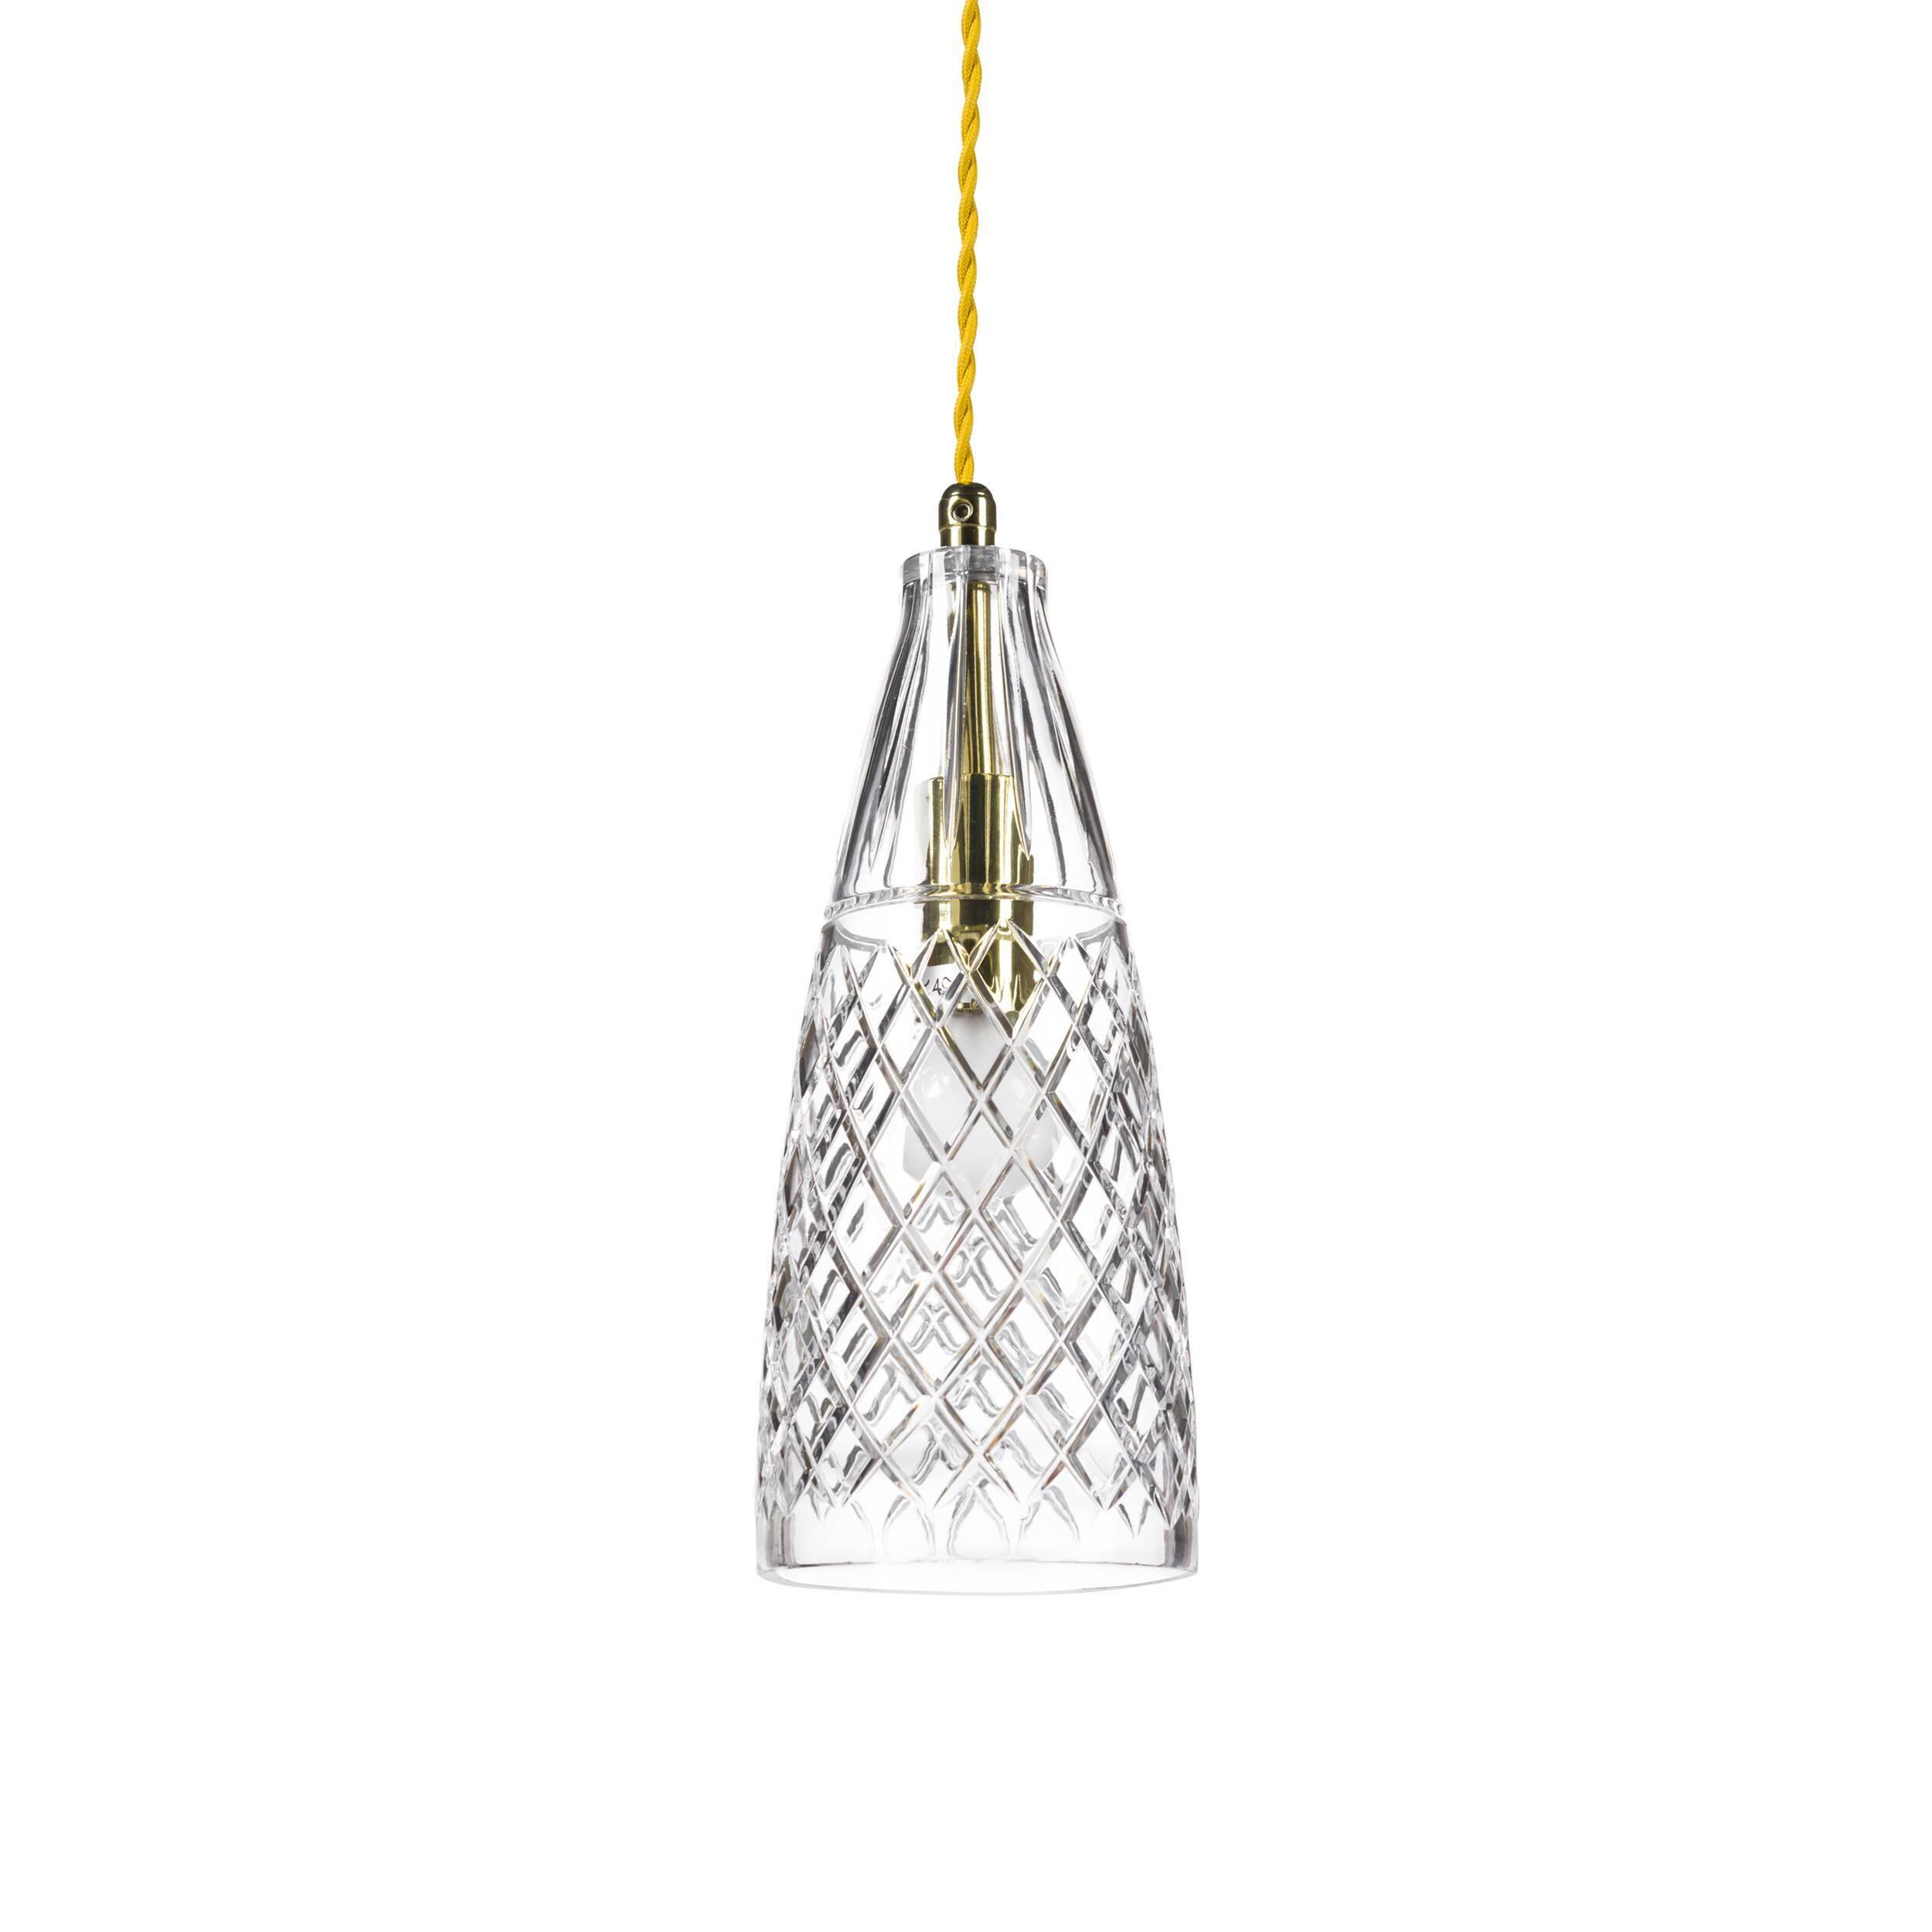 Подвесной светильник Crystal GobletПодвесные<br>«А что, позвольте поинтересоваться, ваза забыла у вас на потолке? И почему ко всему прочему она светит?»<br> <br> А потому, что дизайнеры подвесного светильника Crystal Goblet  — большие виртуозы в своем деле. Материал, цвет, объемный узор — все это прямая отсылка к хрустальным вазам, которые по-прежнему хранятся у многих из нас. Но глядя на них никто не ожидал, что из них вышел бы отличный дизайнерский светильник! Свет, проходящий сквозь стенки изделия, изящно преломляется в гранях рисунка. Необ...<br><br>stock: 0<br>Высота: 180<br>Диаметр: 10,5<br>Количество ламп: 1<br>Материал абажура: Стекло<br>Мощность лампы: 40<br>Ламп в комплекте: Нет<br>Напряжение: 220<br>Тип лампы/цоколь: E14<br>Цвет абажура: Прозрачный